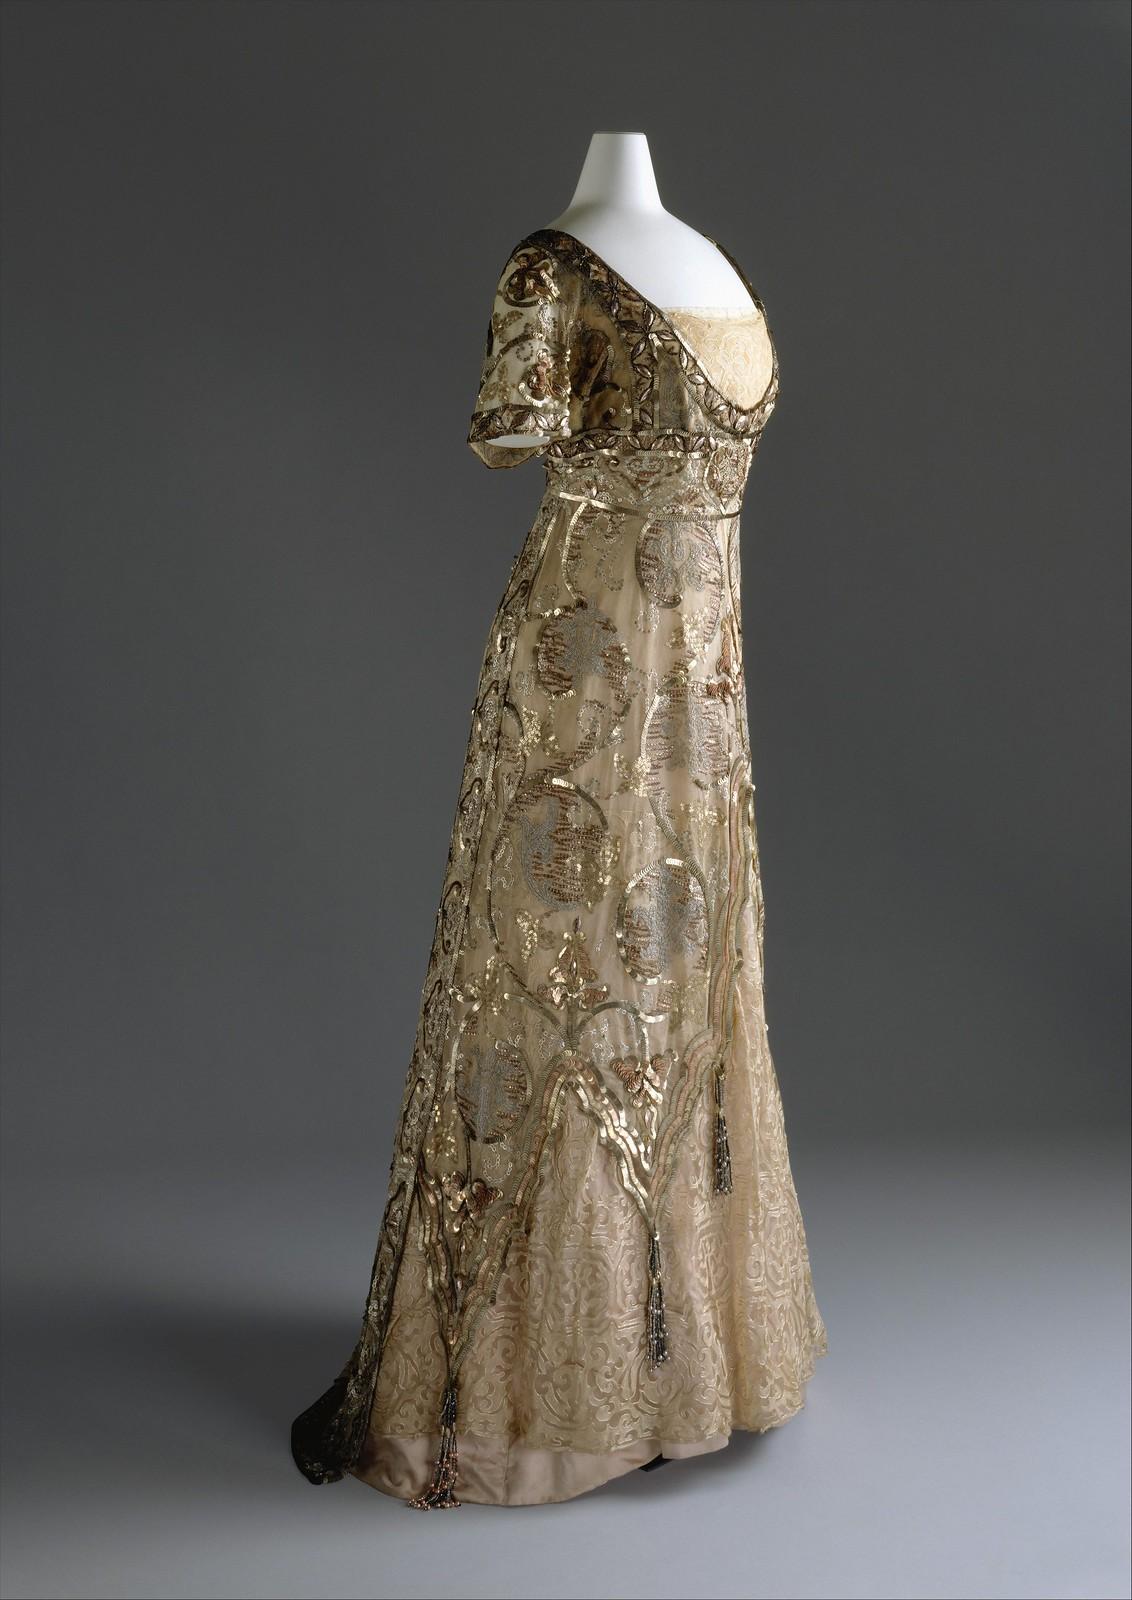 1910 Callot Soeurs. Cotton, Silk, metal. metmuseum